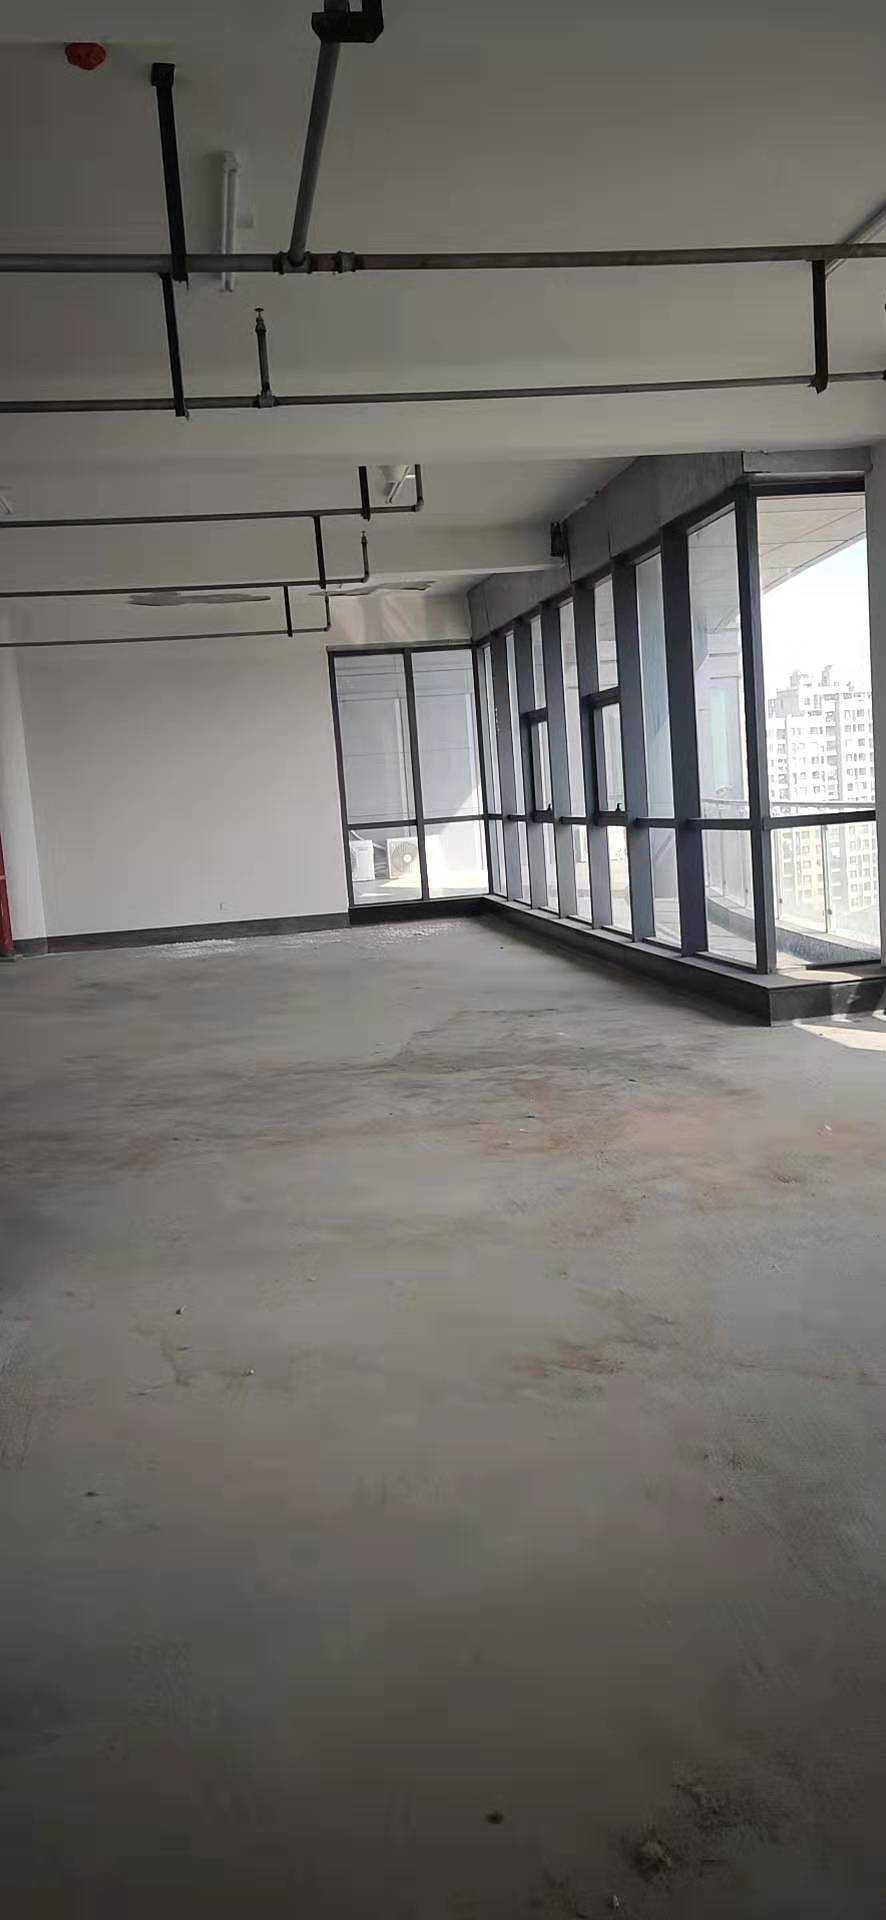 10312出租商会大厦办公楼,靠东,中间12楼,177平方,毛胚,价格面议。 米兰阳光对面的实拍照片